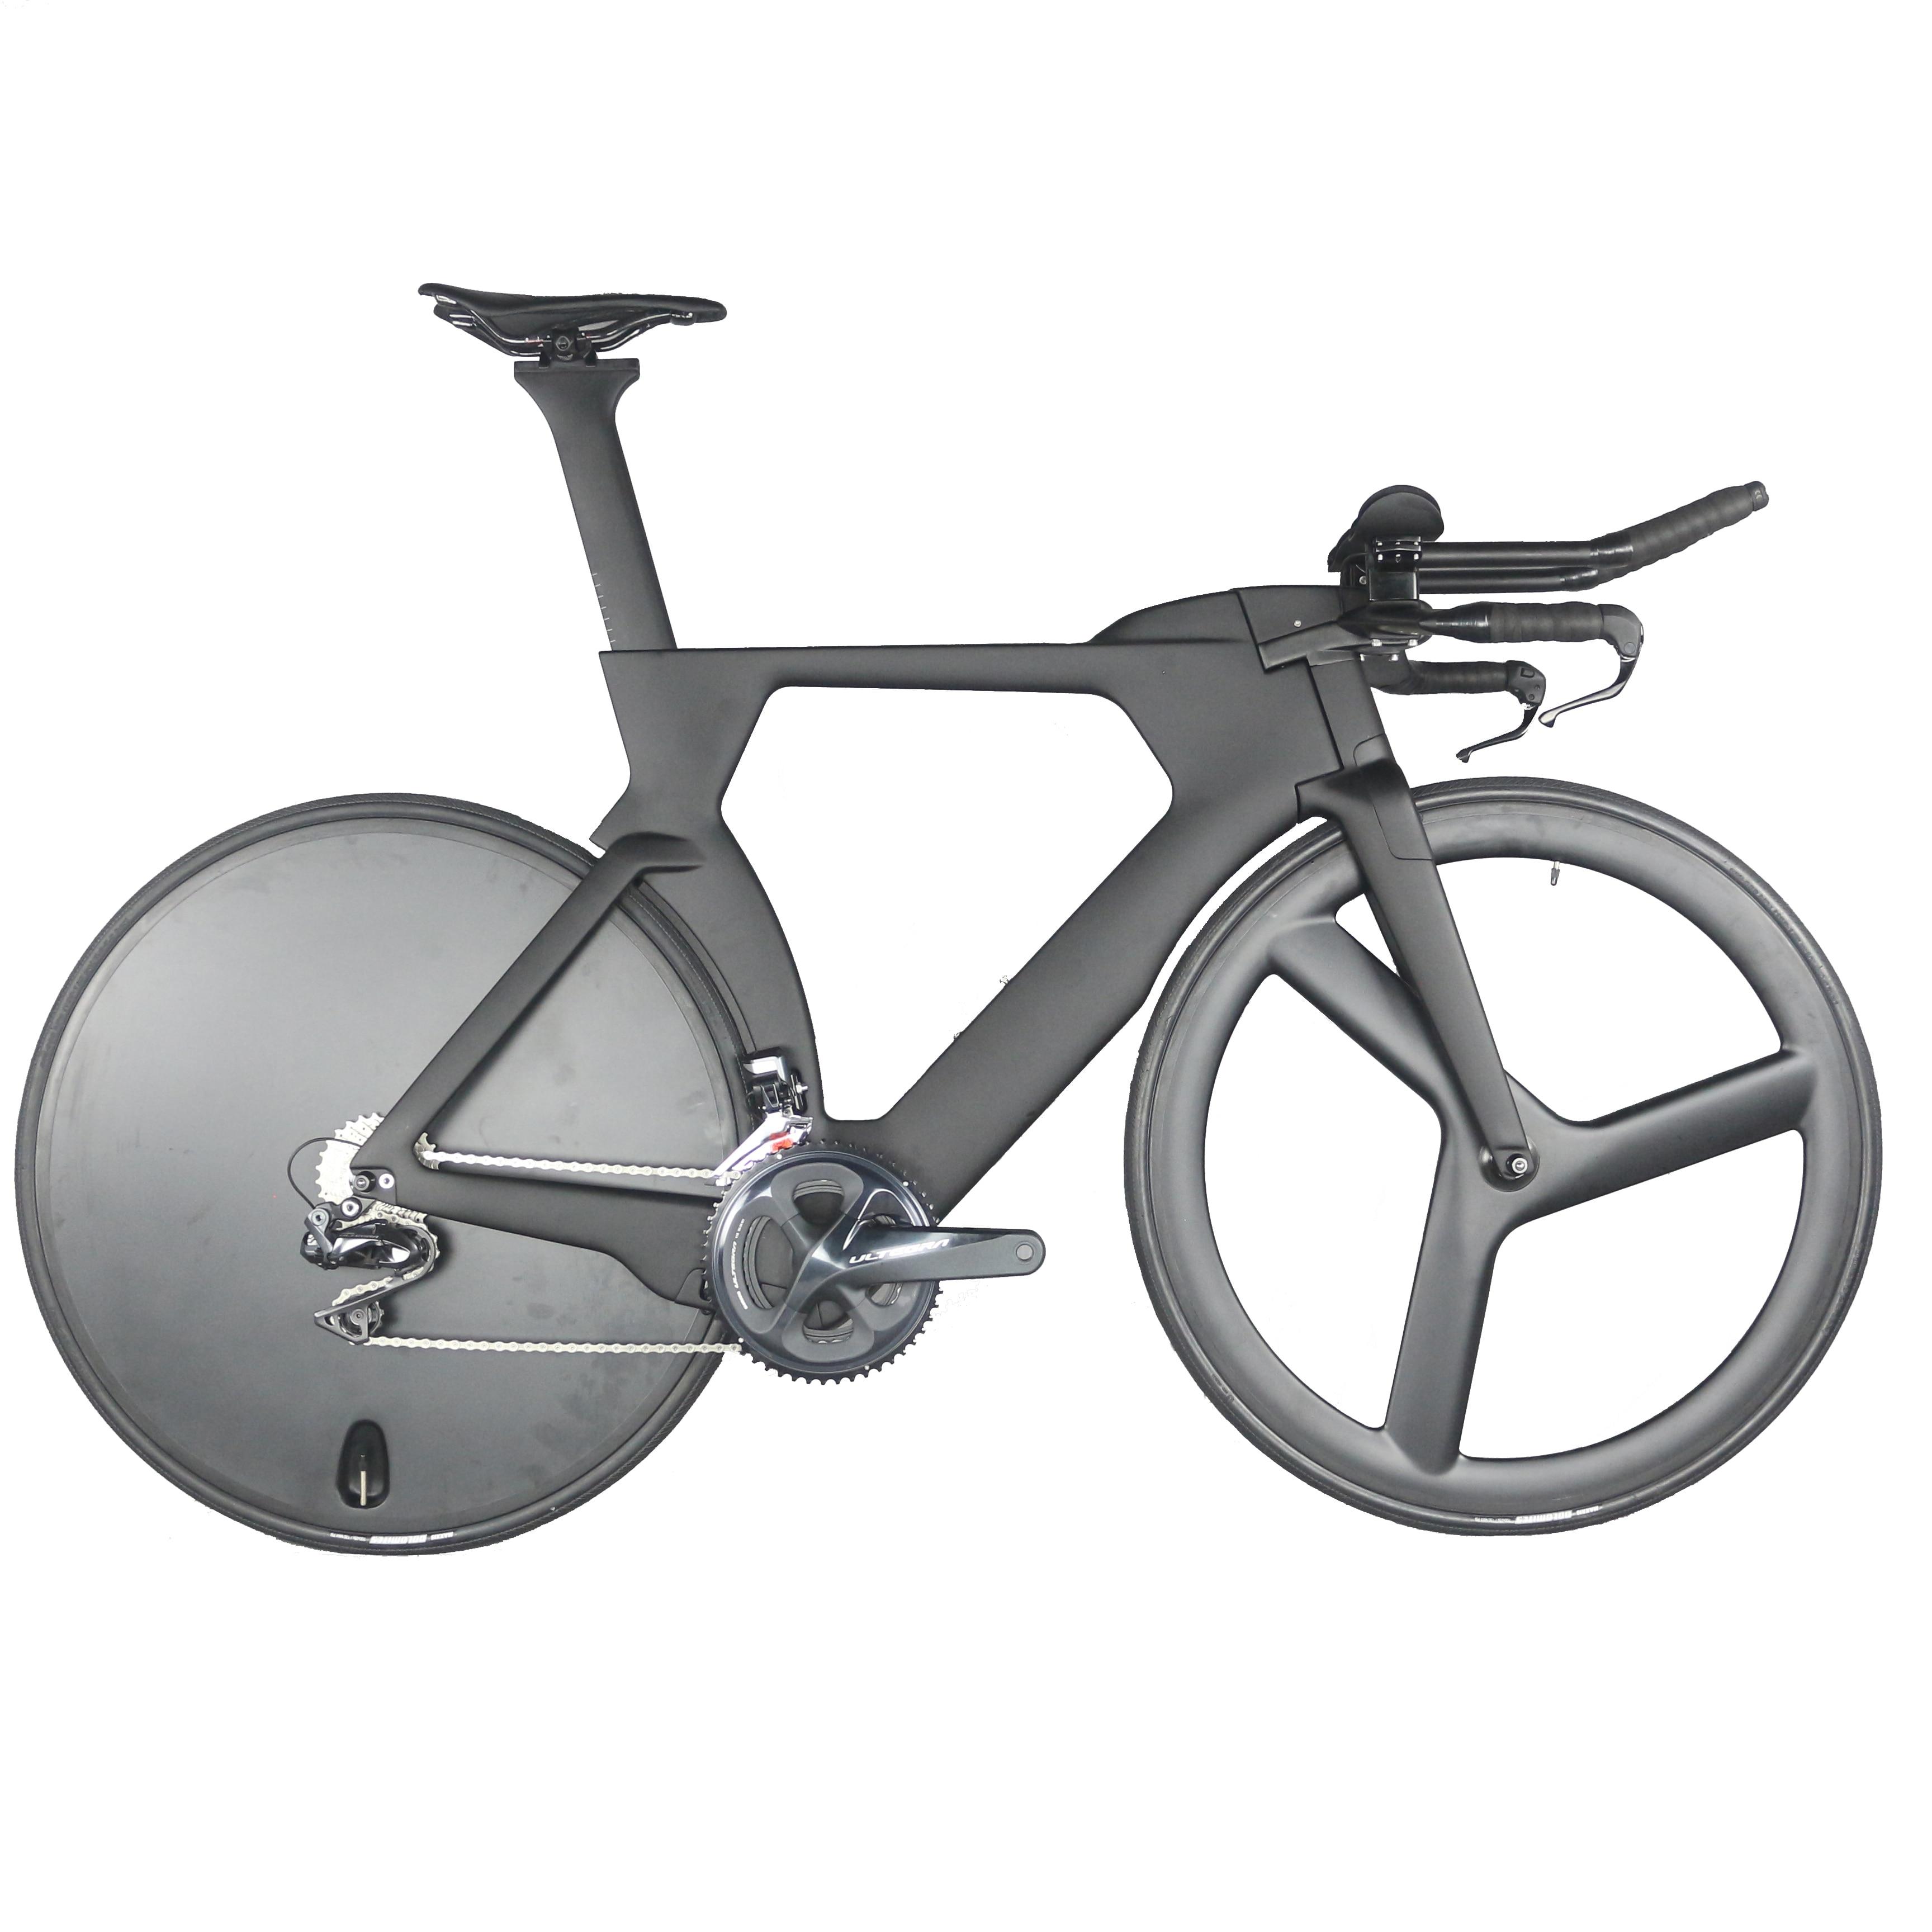 Vélo complet TT bike TT01 contre la montre Triathlon fibre de carbone peinture noire intégré TT guidon avec groupe R8060 Di2